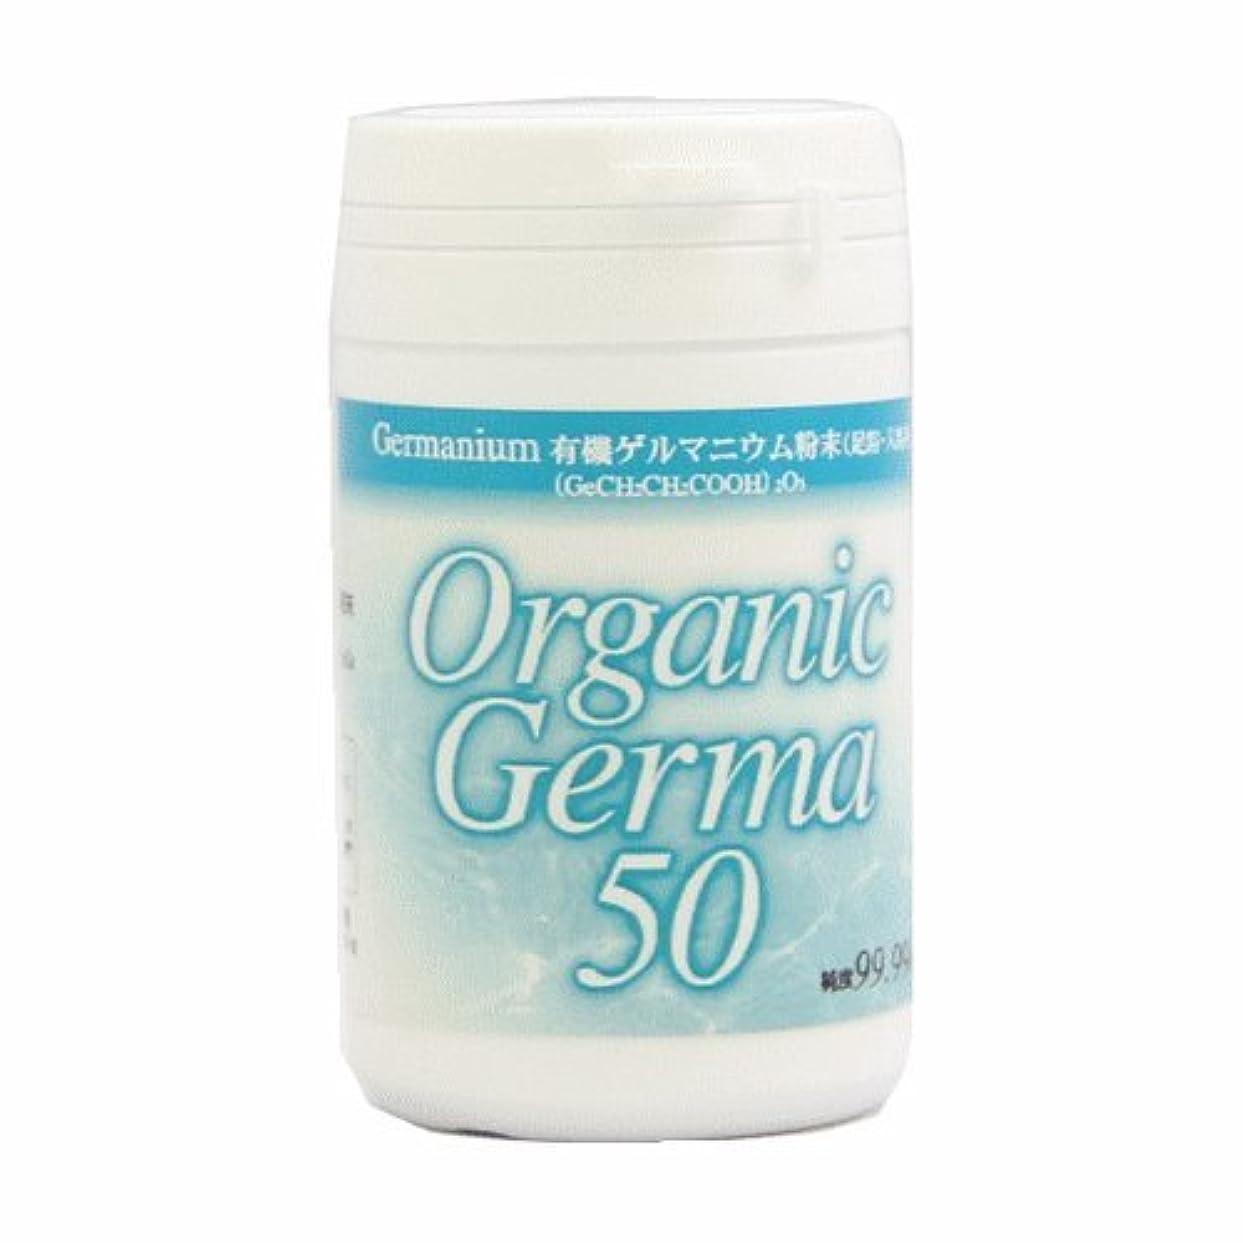 病気のオプショナルの【有機 ゲルマニウム 粉末 50g (Ge-132) 99.99% 温浴用】 ゲルマ パウダー